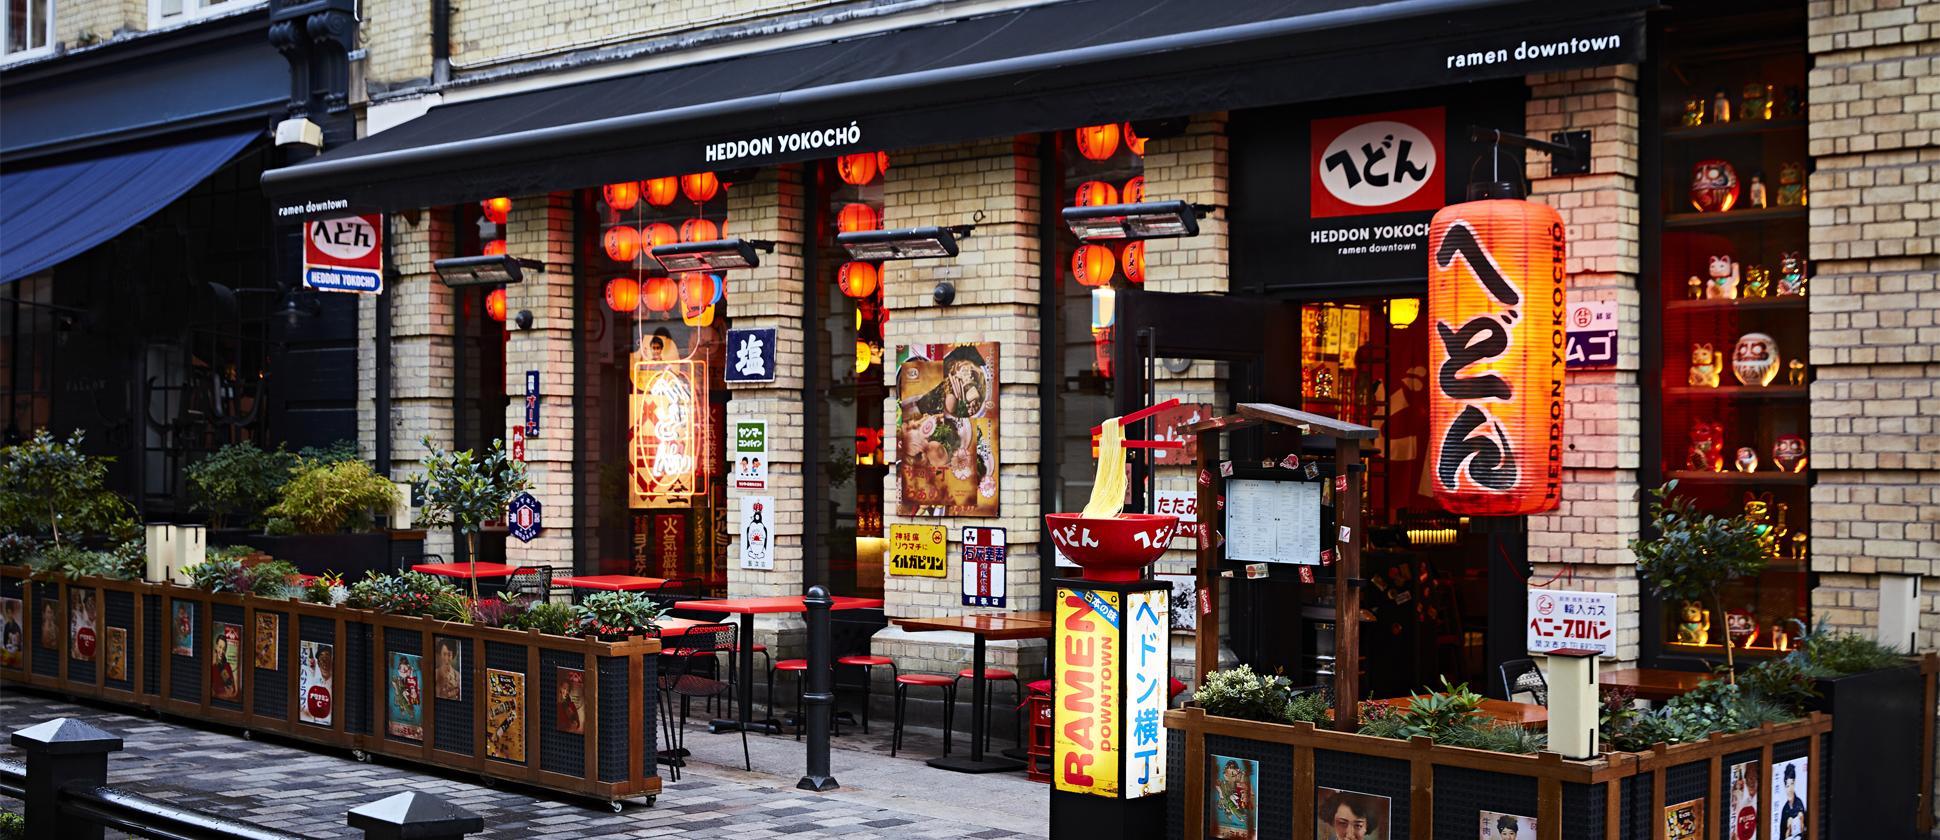 Book a Tasty Trip To Heddon Yokocho